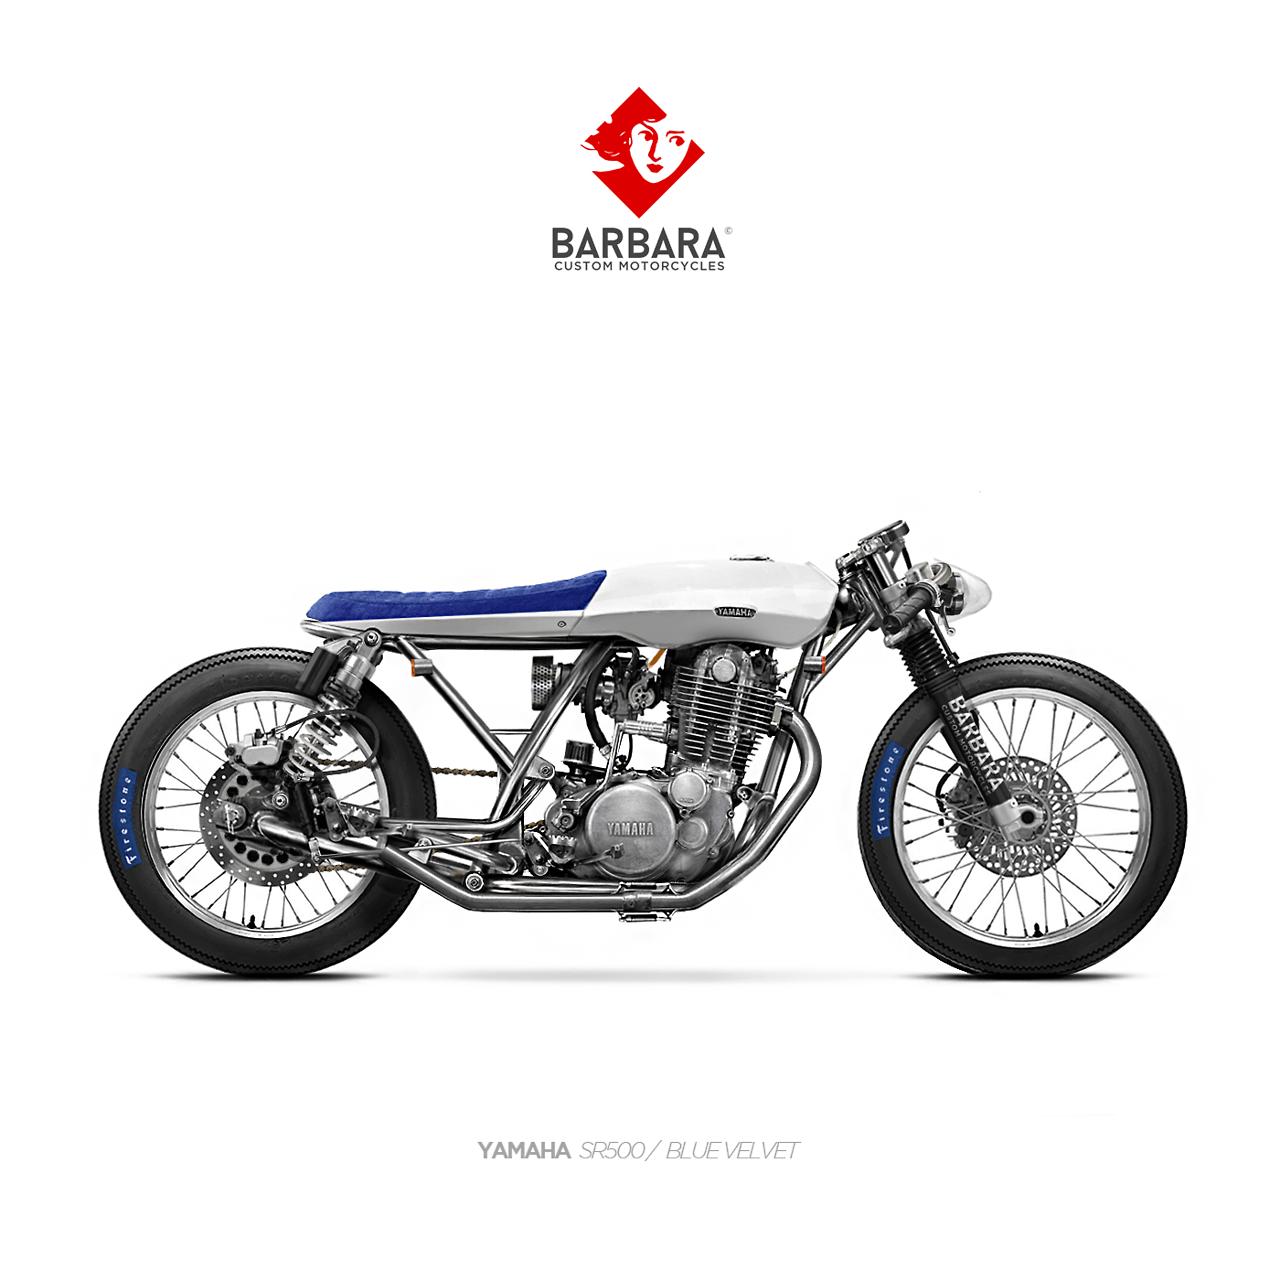 Barbara Motorcycles Yamaha Sr500